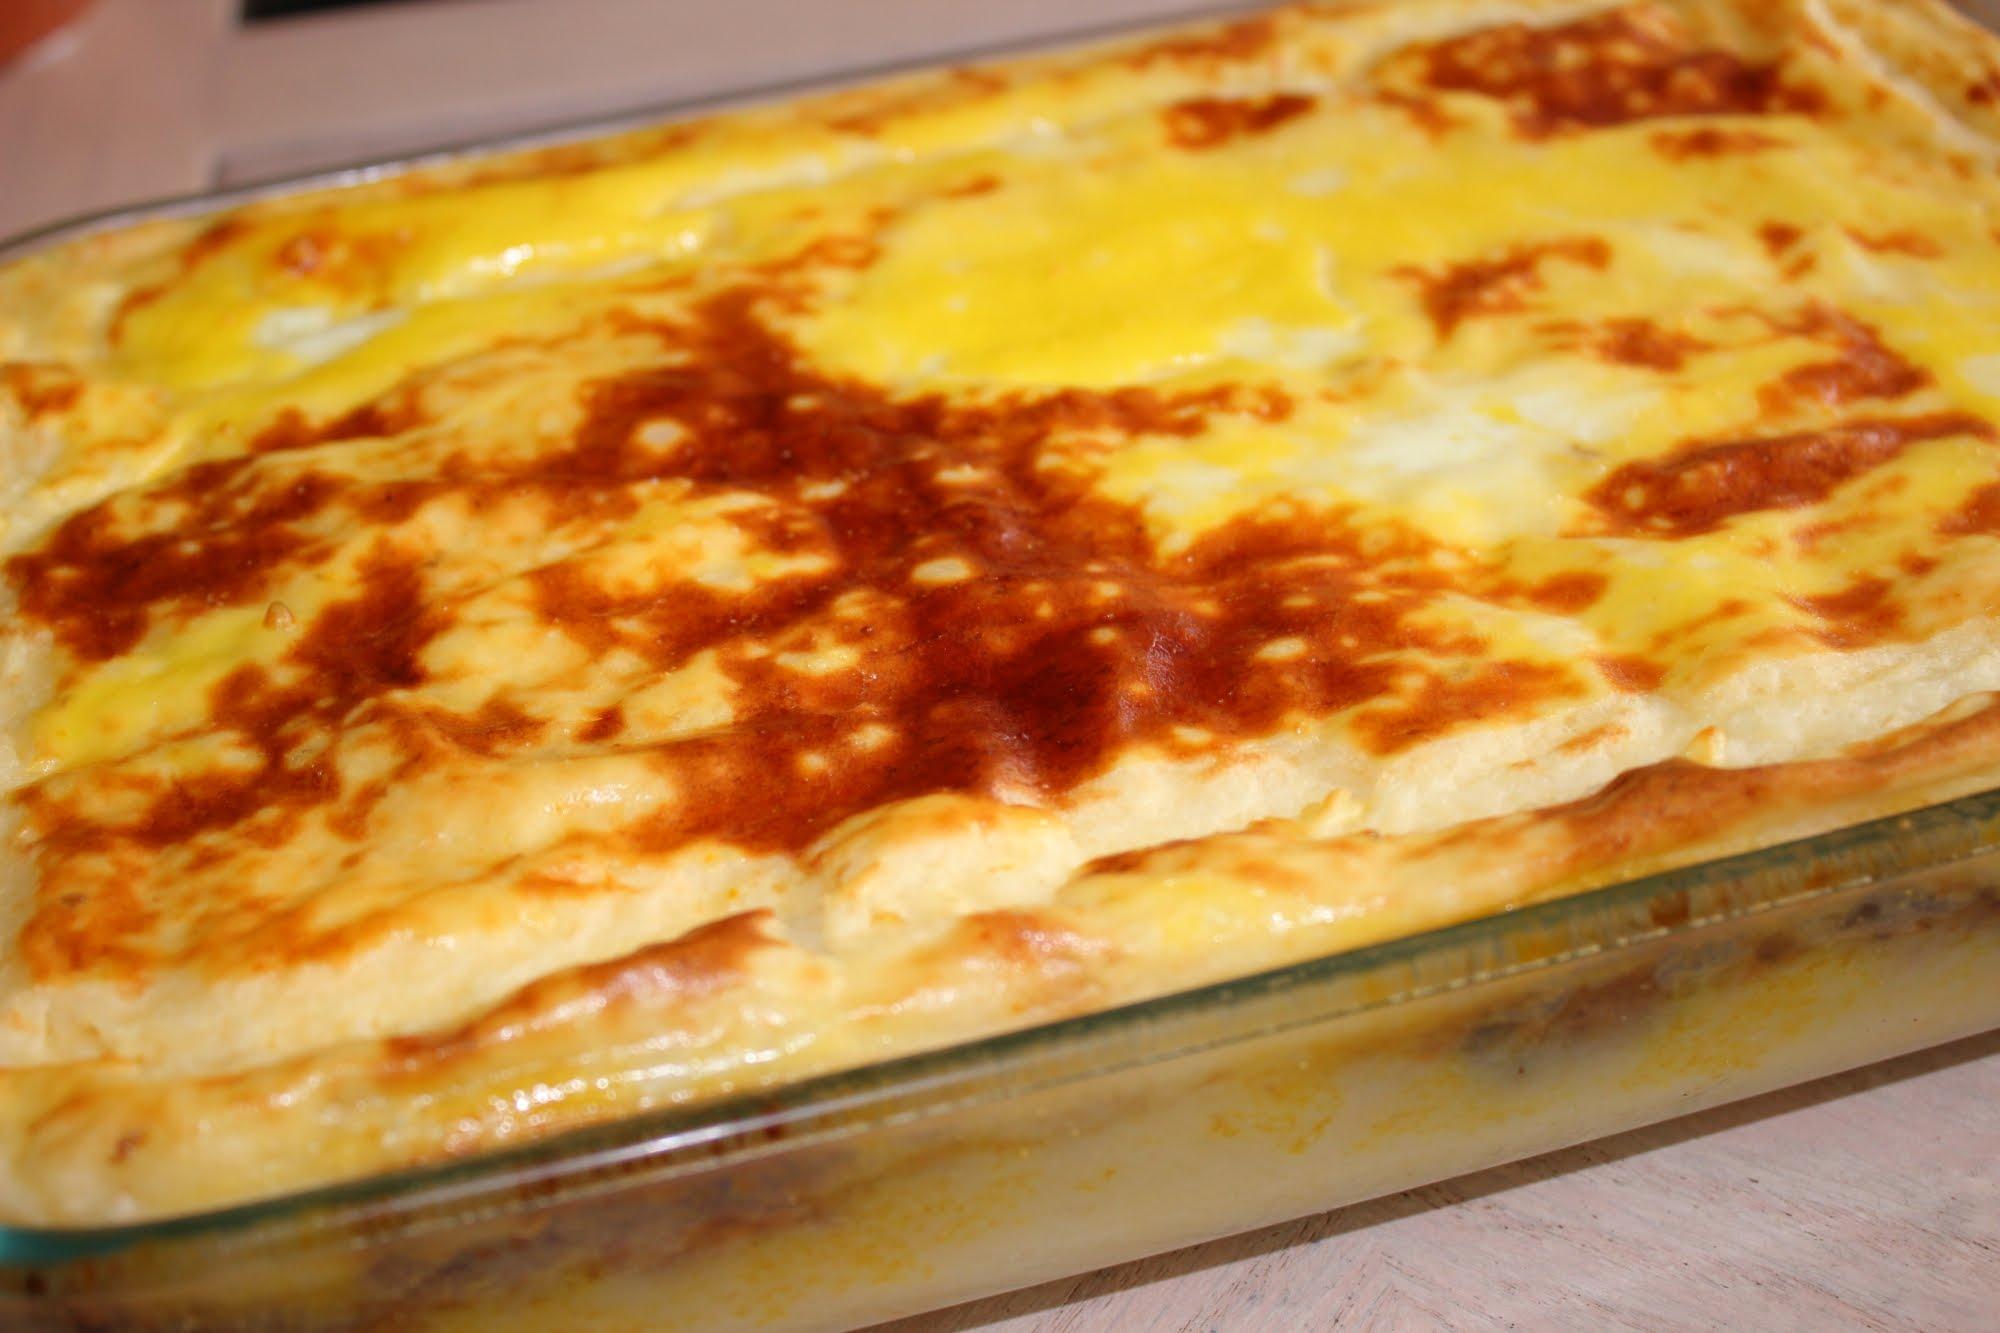 запеканка с фаршем и картофелем в духовке с фото пошагово рецепт